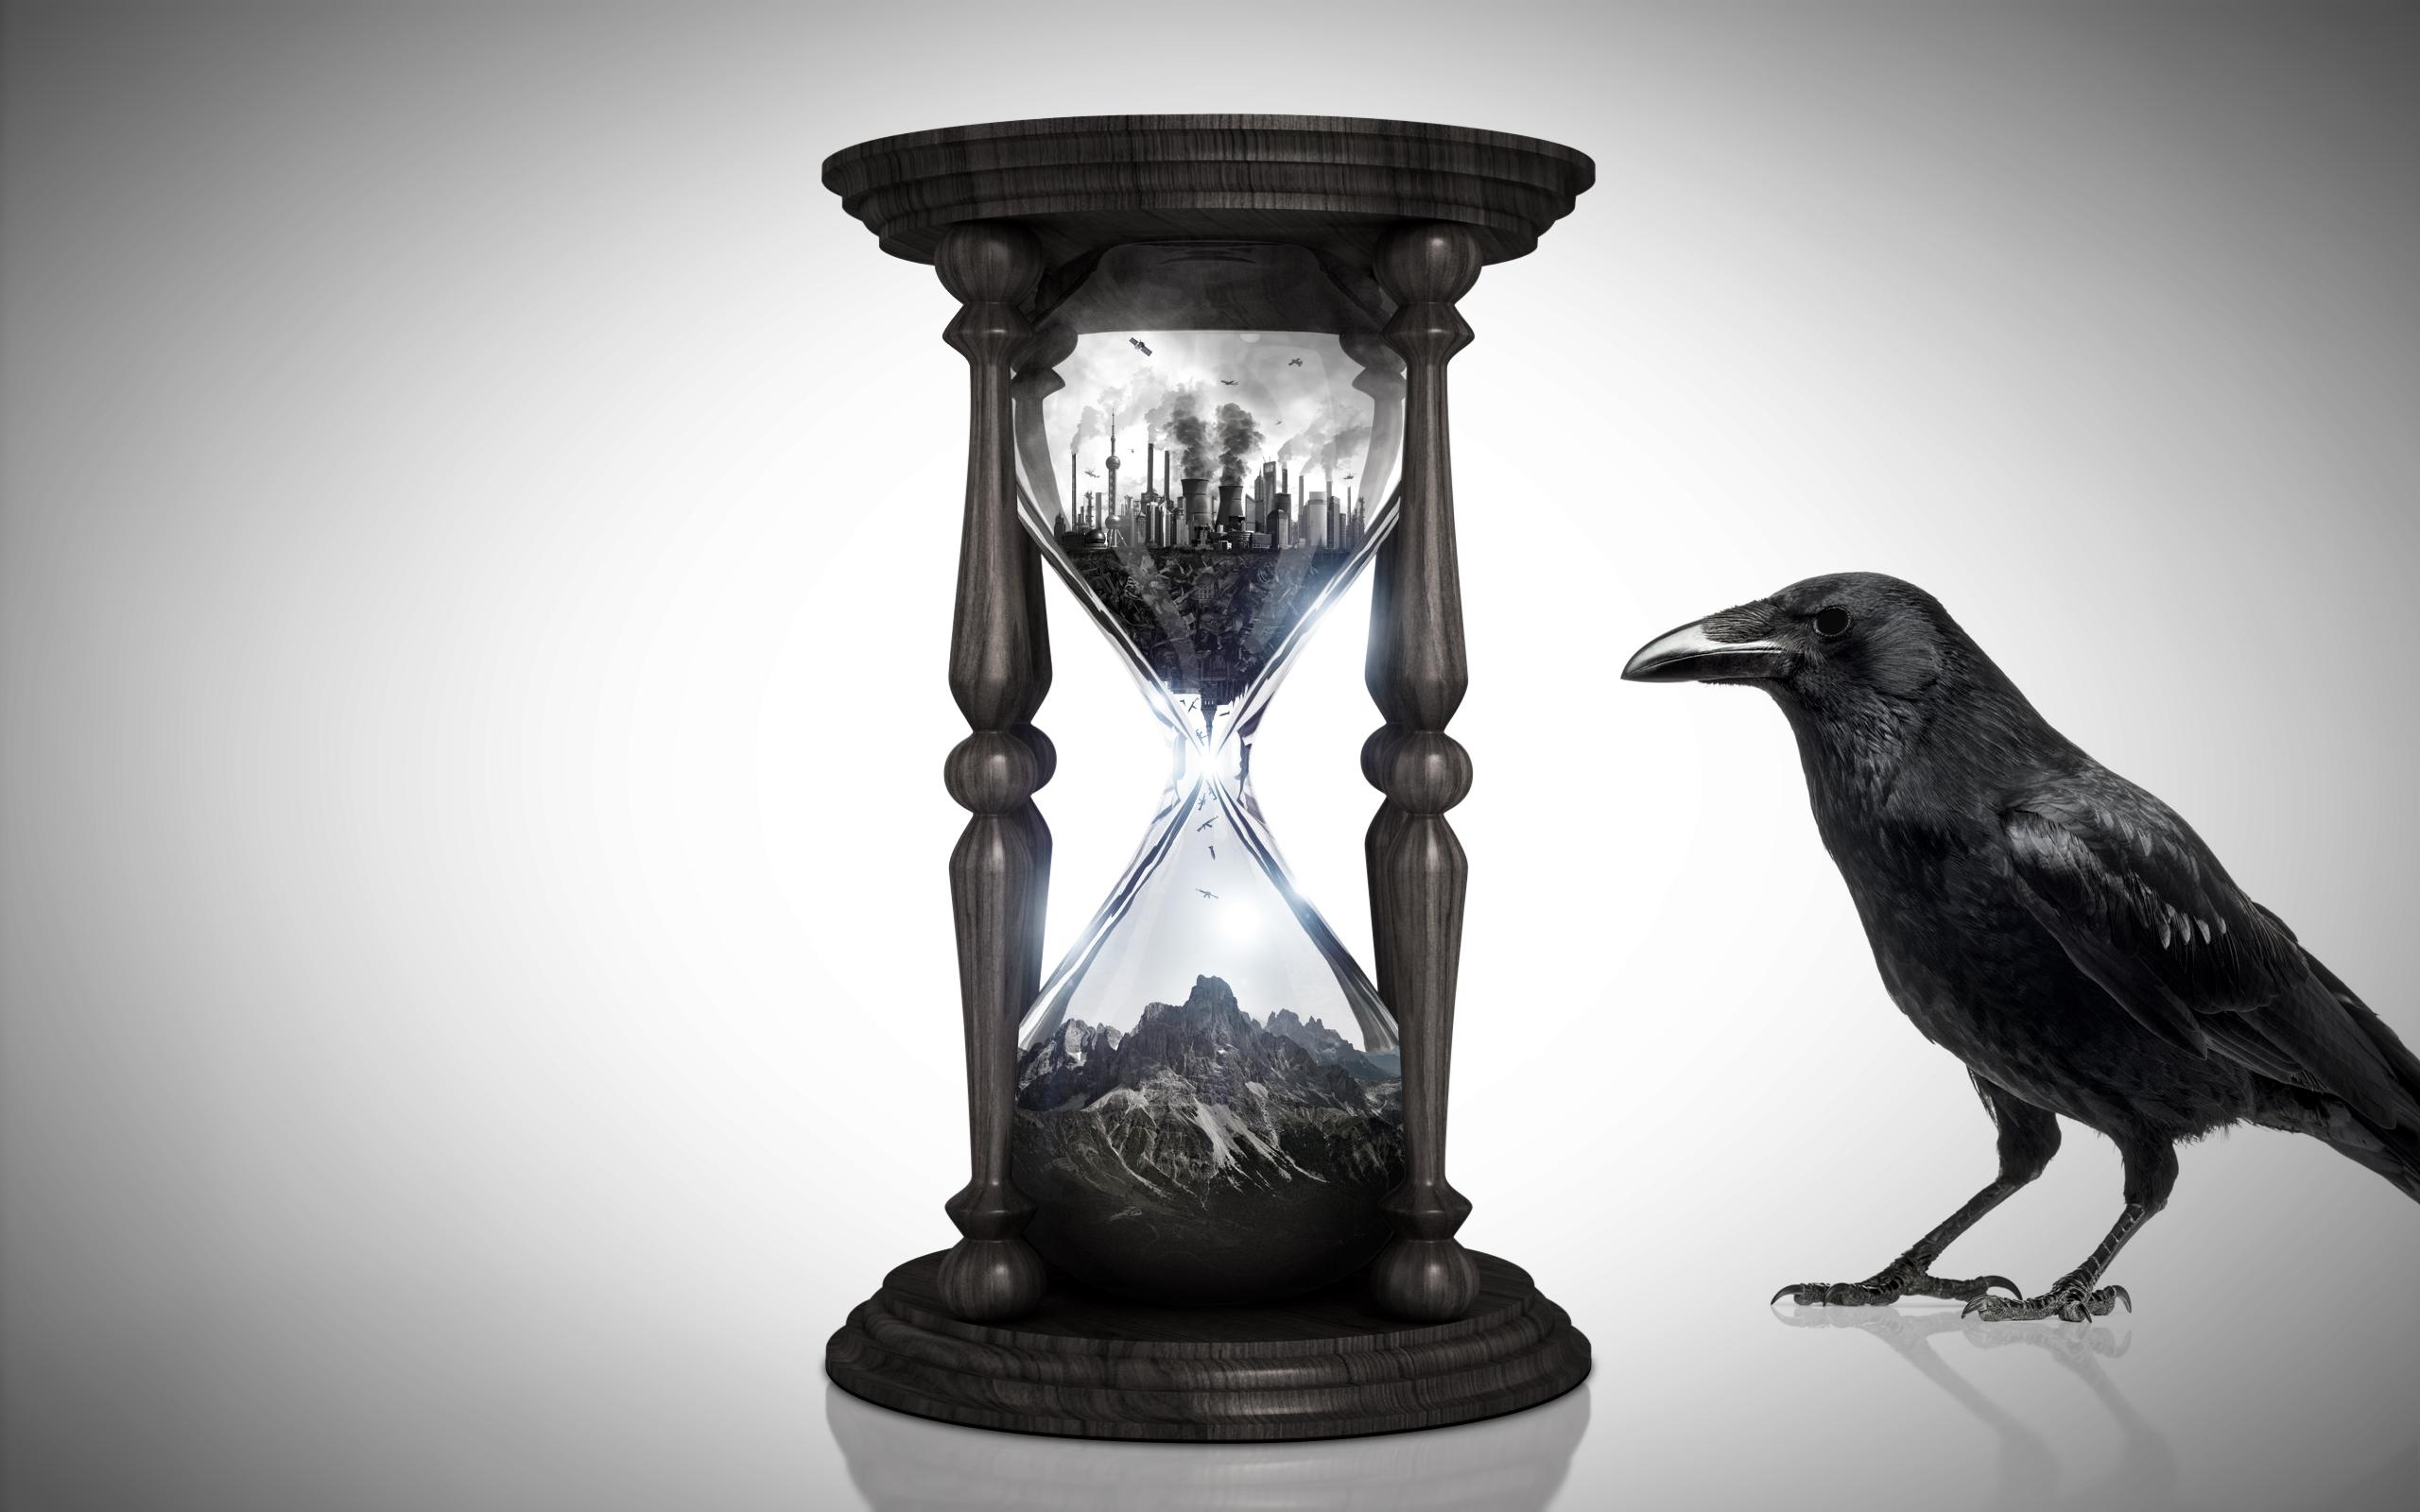 Small World 4 / Hourglass by LAMBDA256